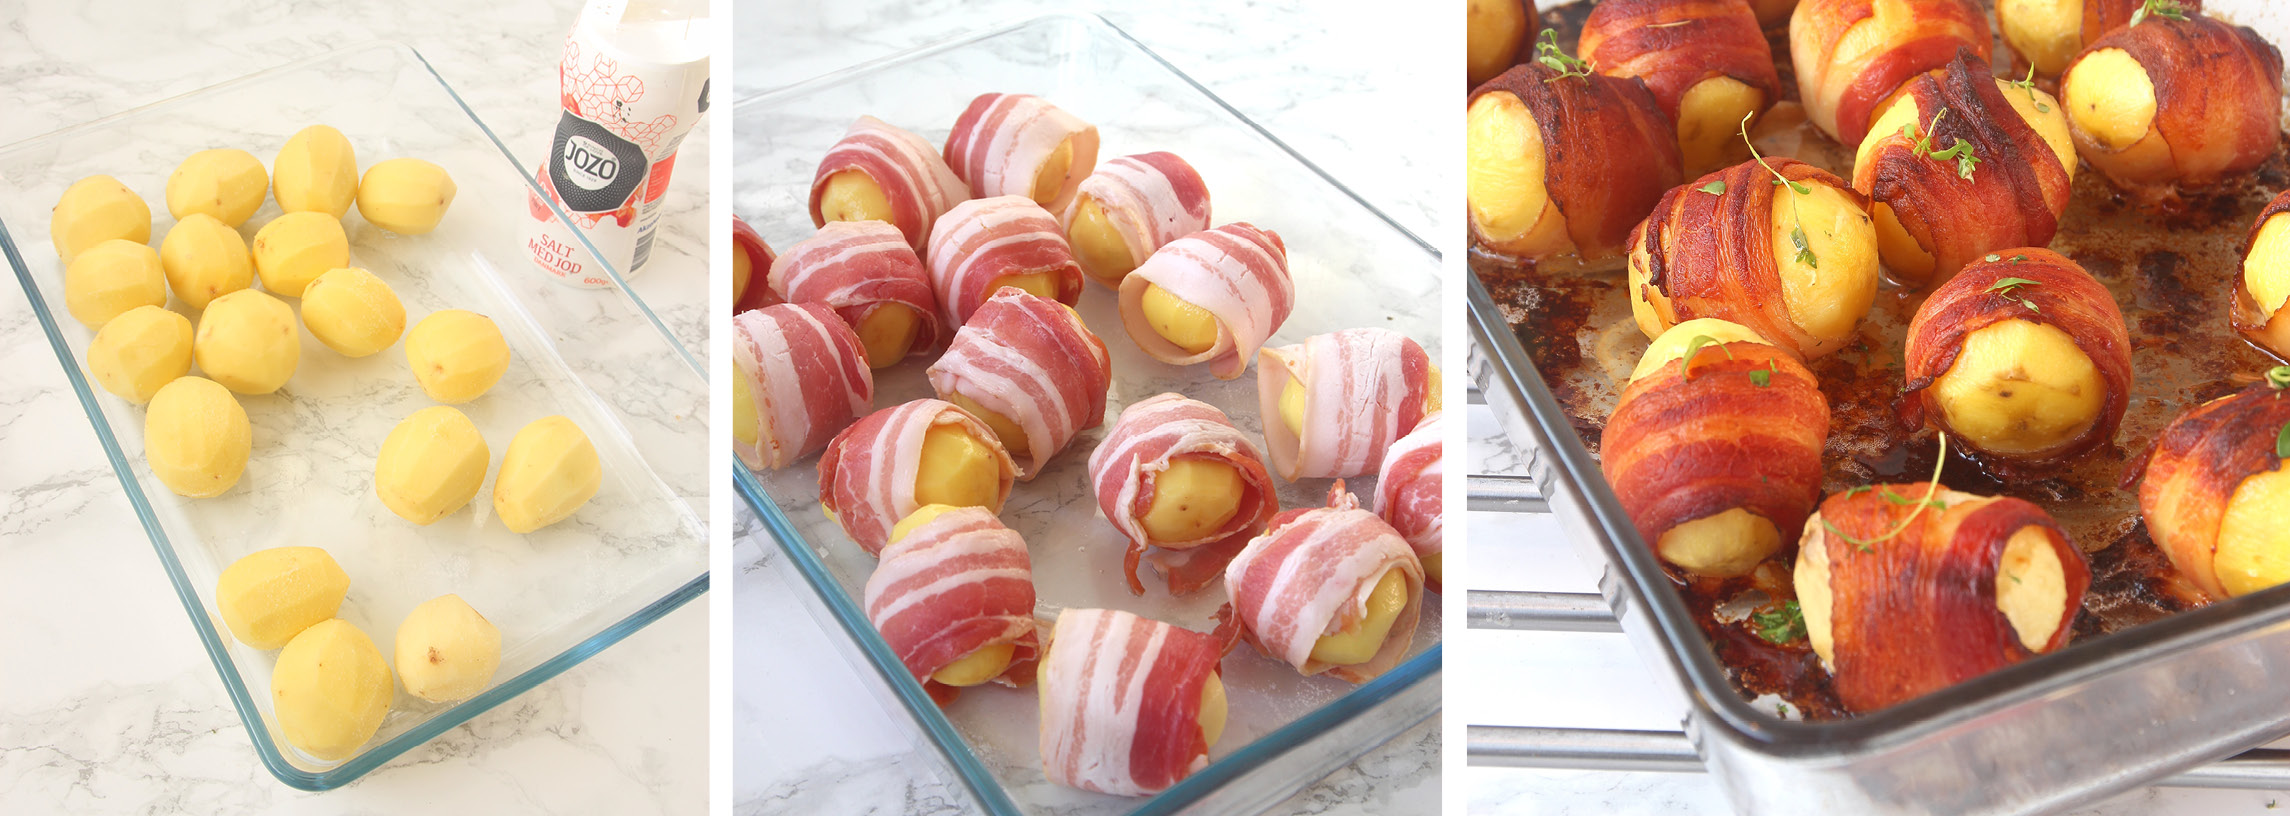 Baconlindadpotatis1